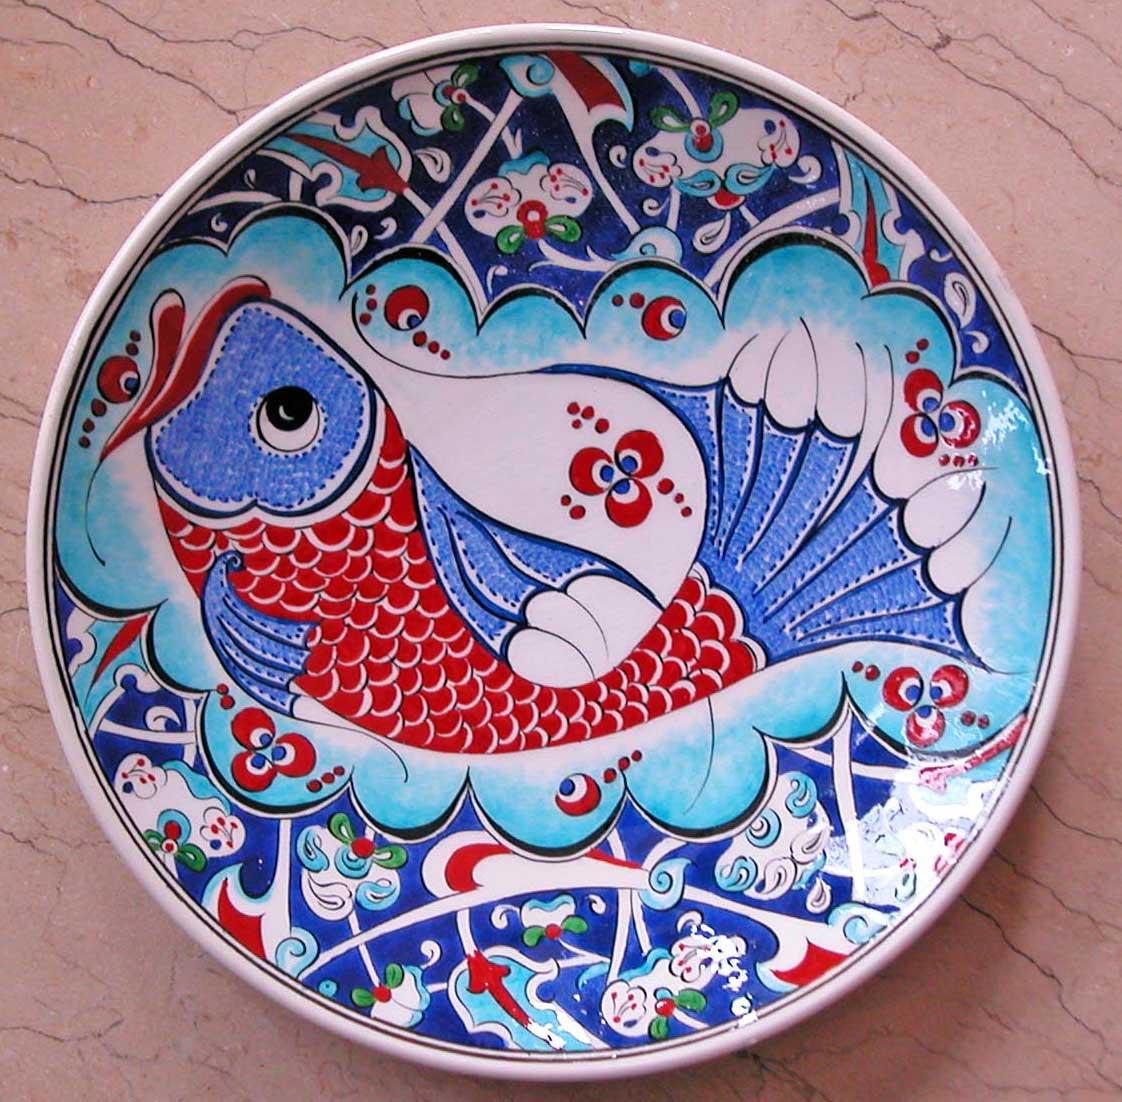 Klasik iznik Balık Desenli Çini Tabaklar Duvar ve Vitrin Süslemesi İçin Dekoratif Hediyeler